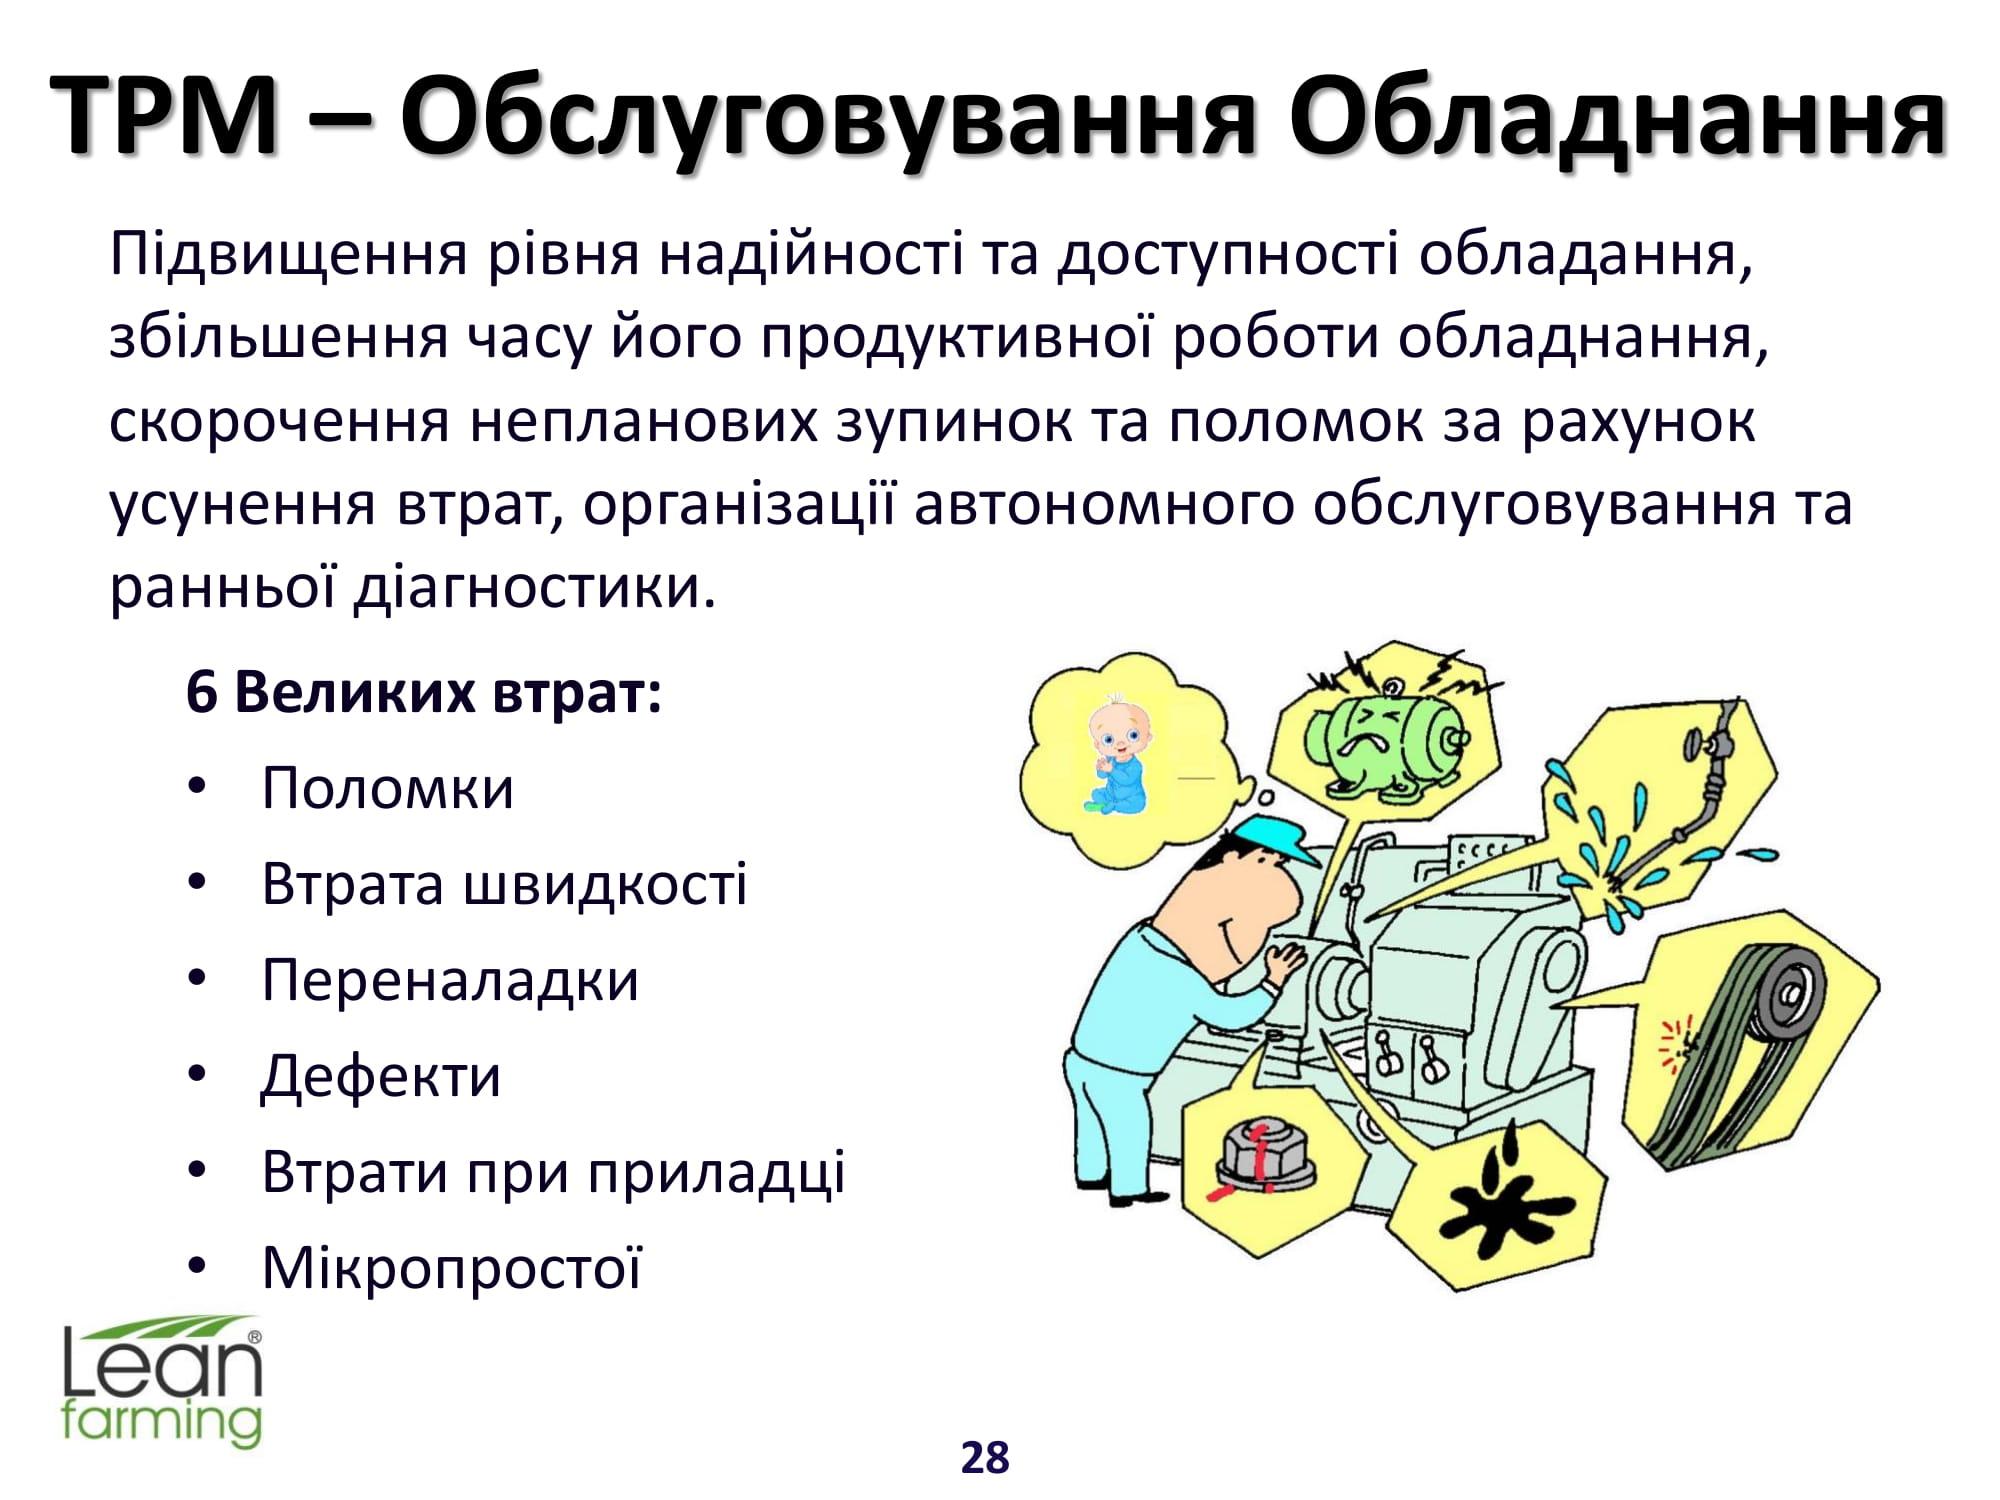 Romantsov Roman Oshhadlyve Fermerstvo 15 03 18 28